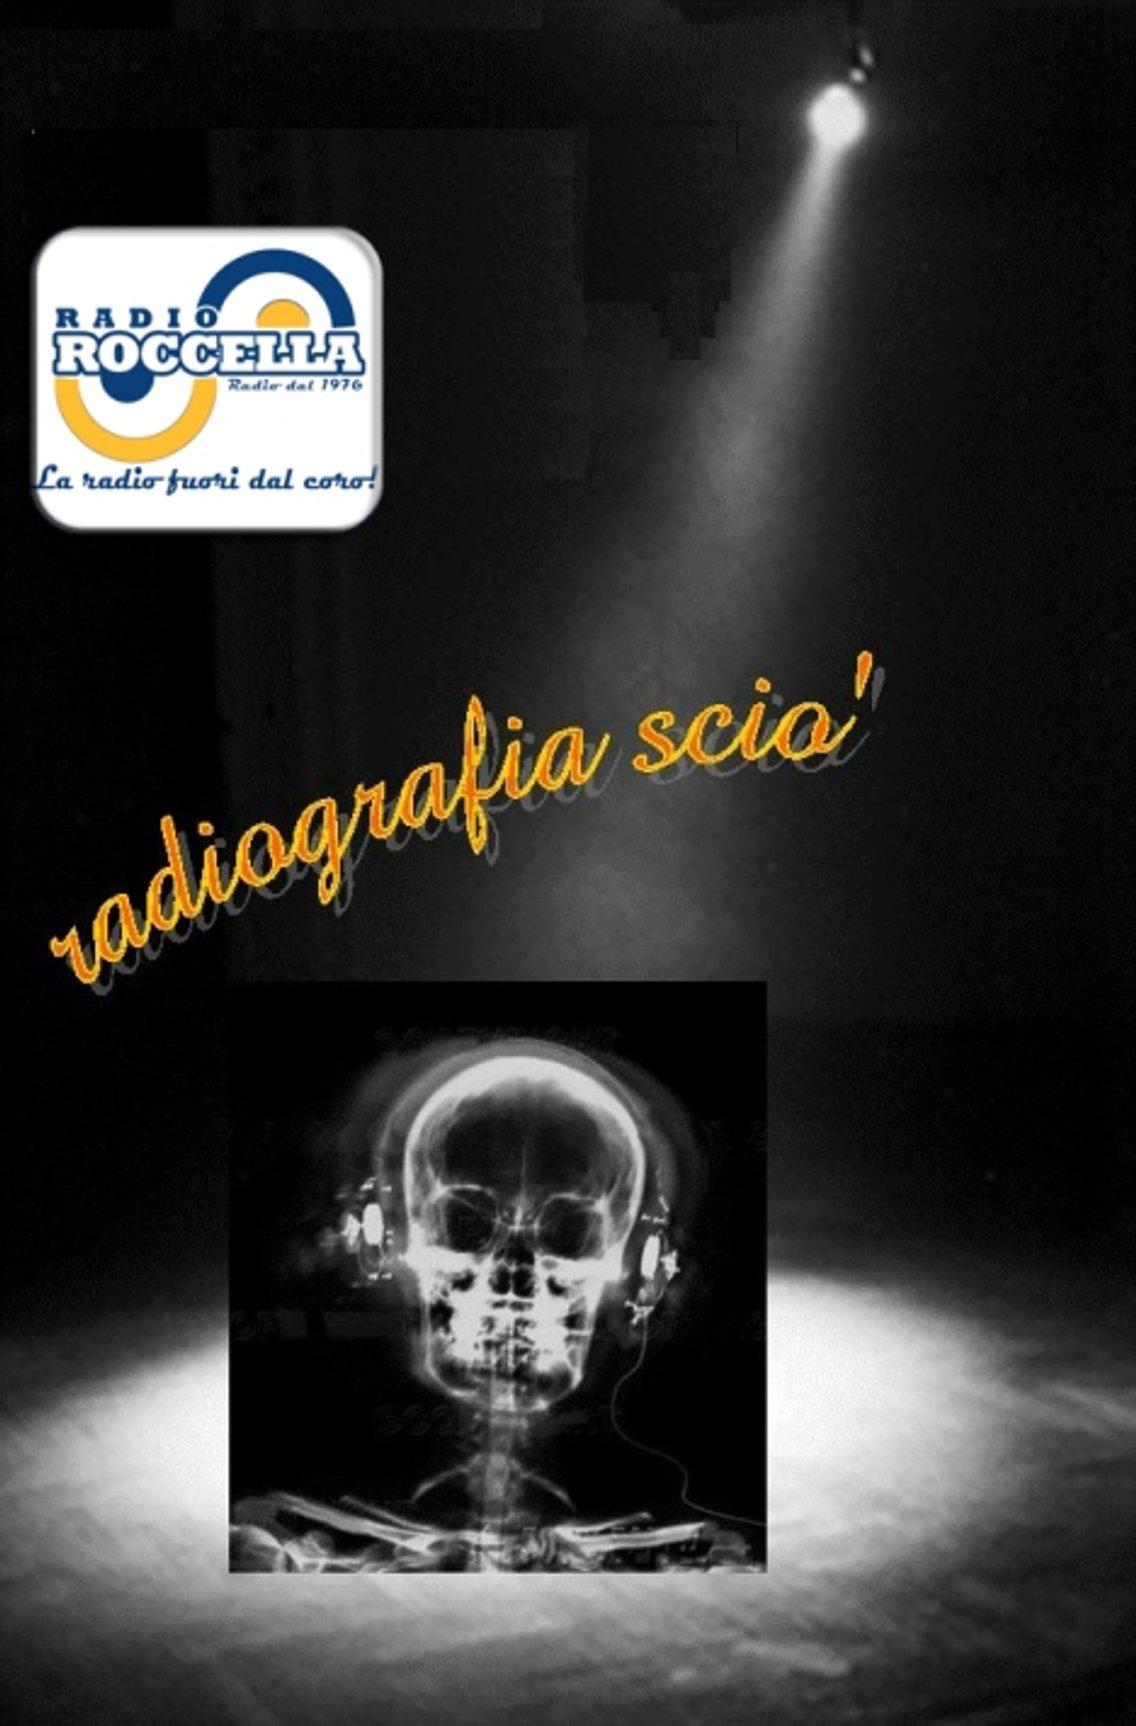 RADIOGRAFIA SCIO' - Cover Image